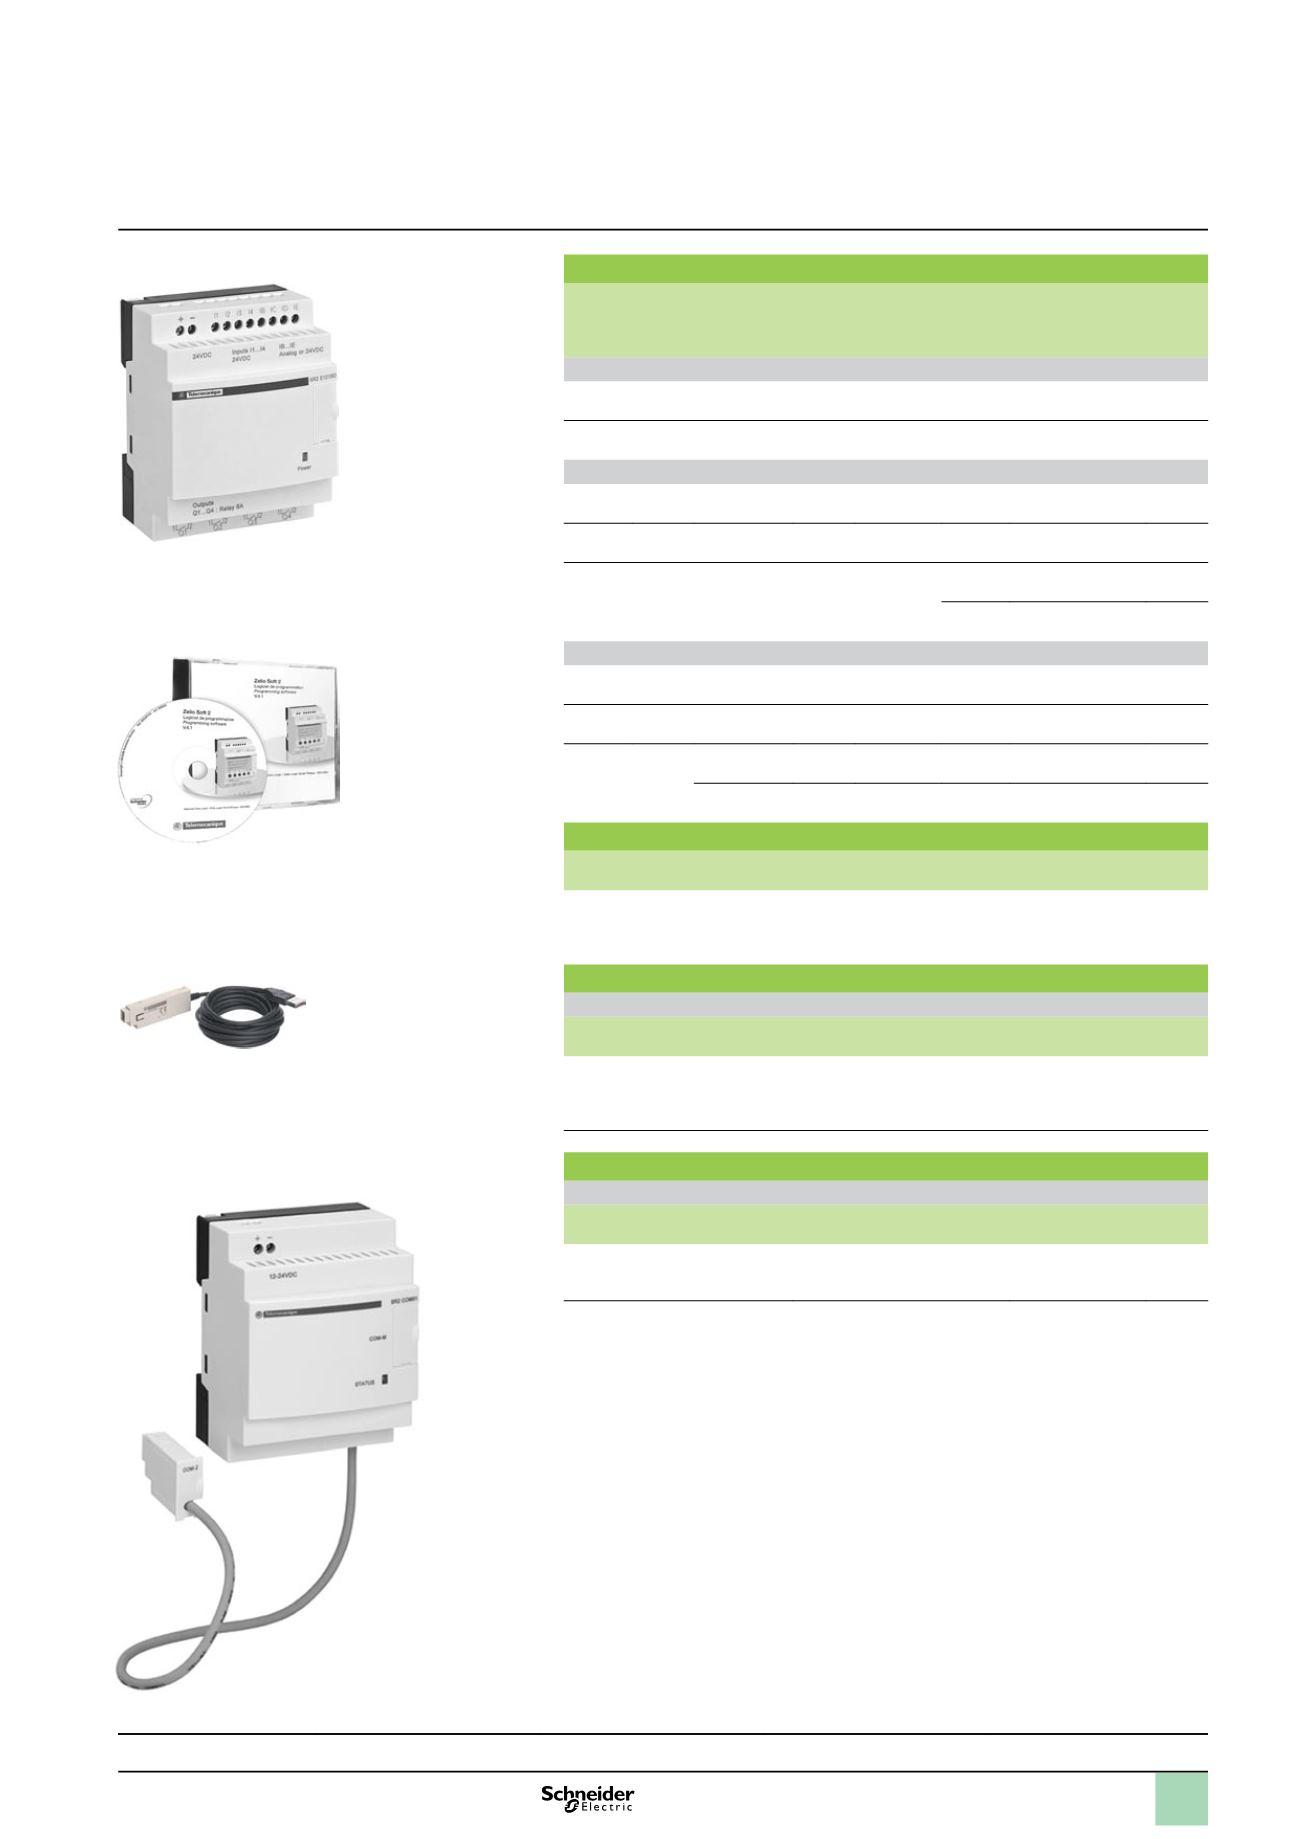 [SCHEMATICS_4US]  Smart relays Zelio Logic   Zelio Smart Relay Wiring Diagram      Smart relays Zelio Logic